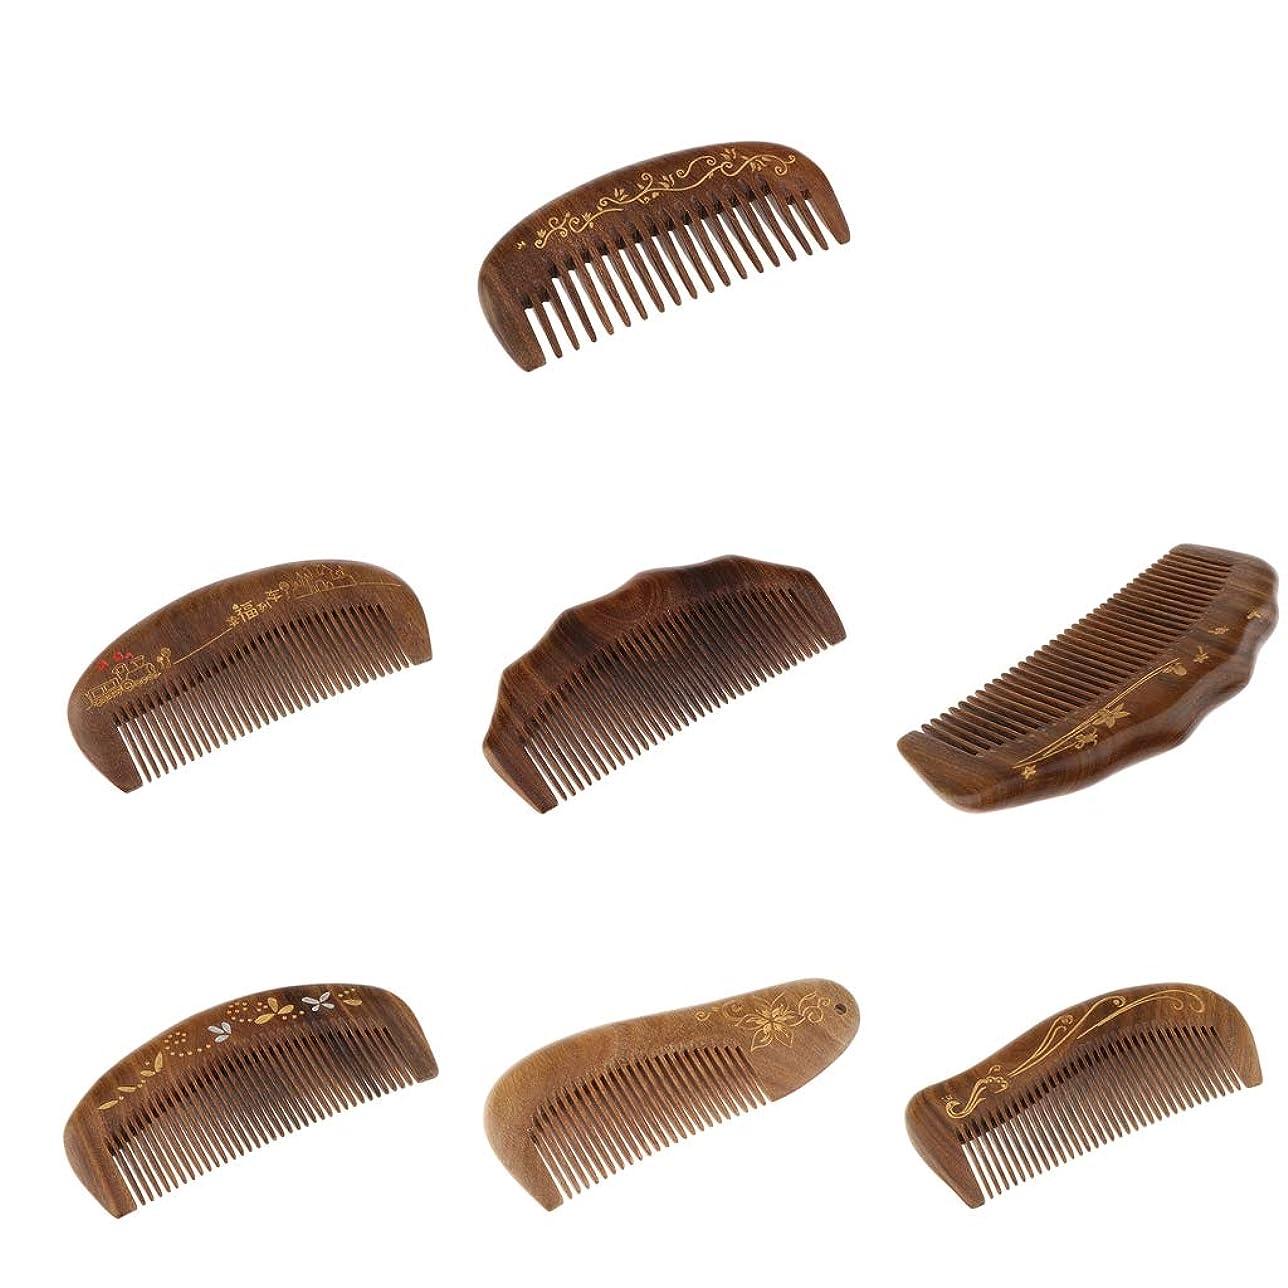 同情的実行知人F Fityle 木製 コーム 細かい歯 ヘアブラシ ヘアコーム 全7個